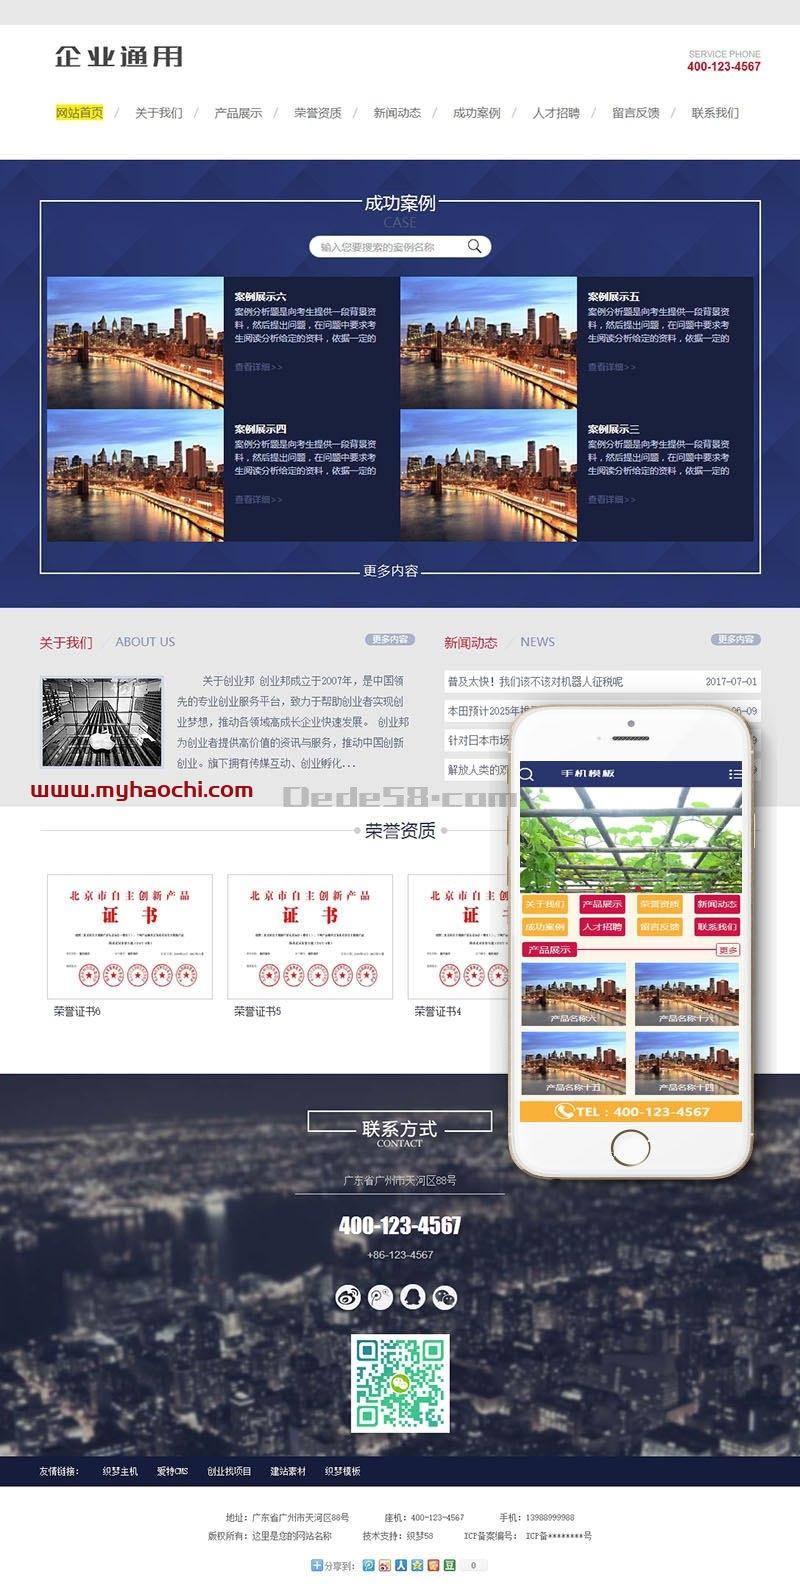 通用企业网站源码 dedecms织梦模板 (带手机端)+PC+移动端+利于SEO优化模板插件图片